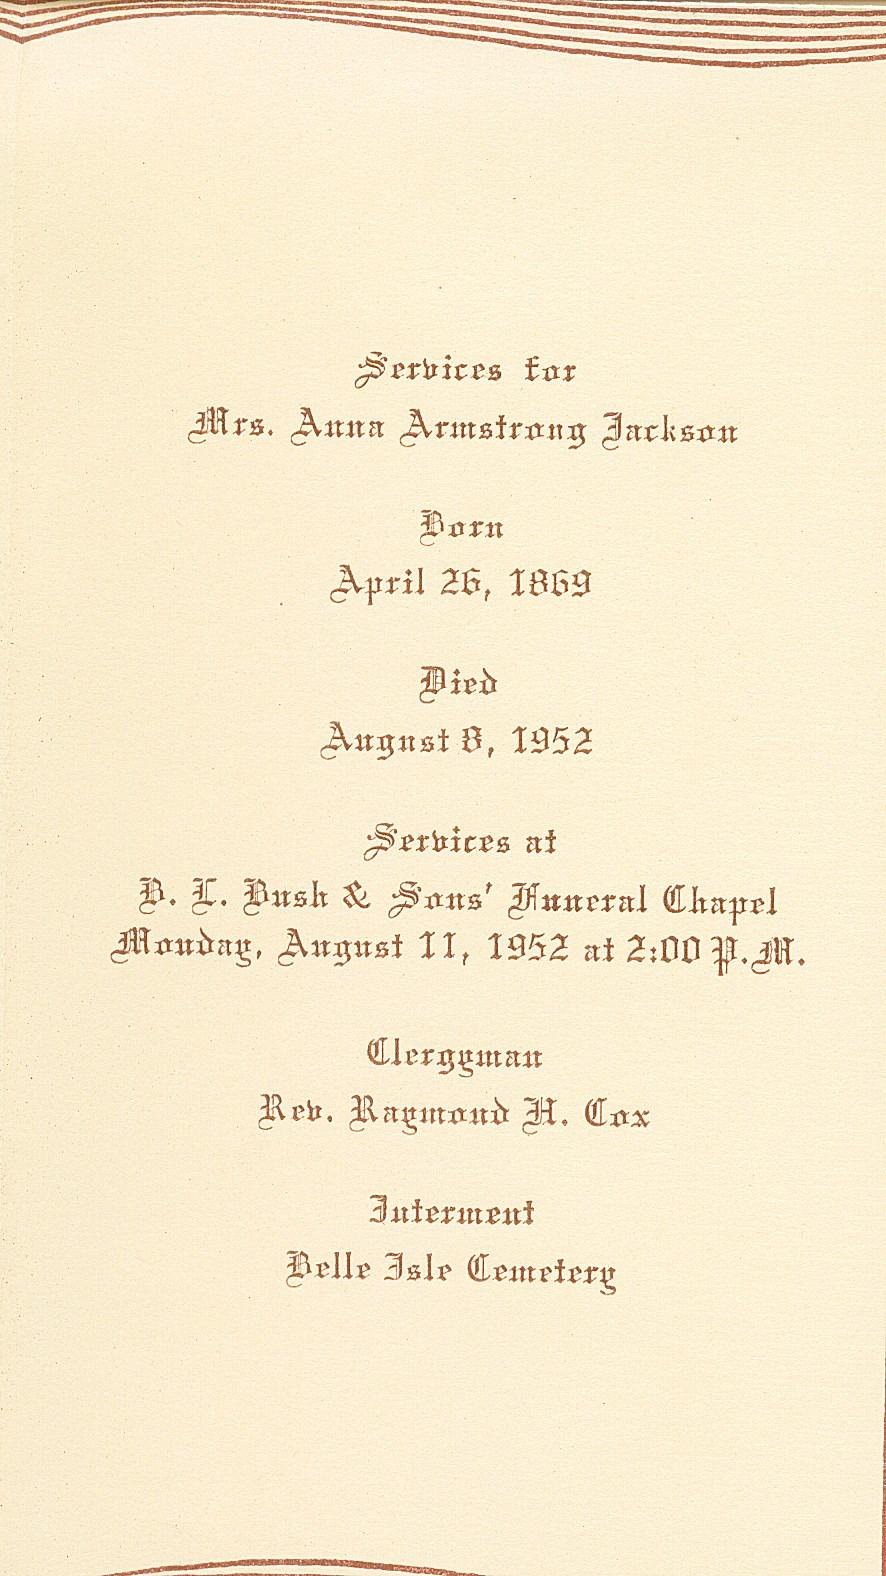 Anna Mary Armstrong